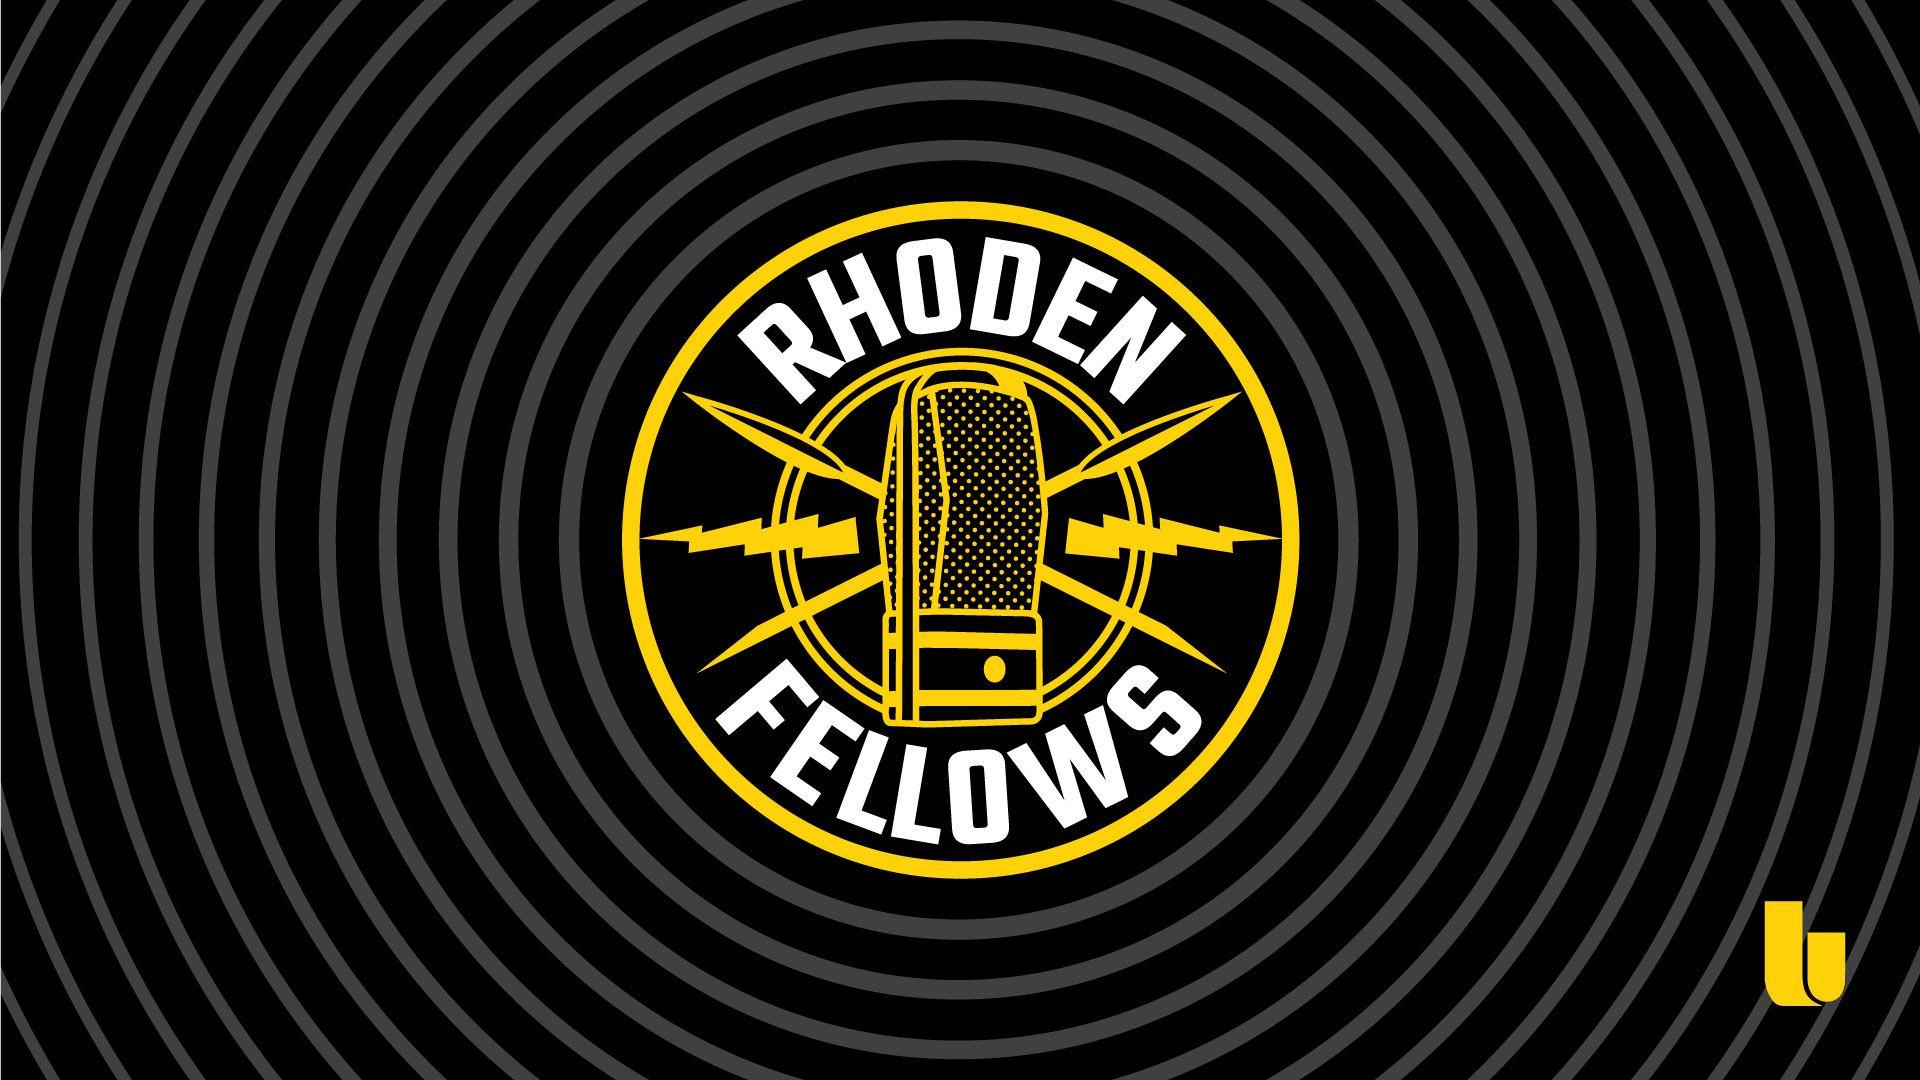 Rhoden Fellows